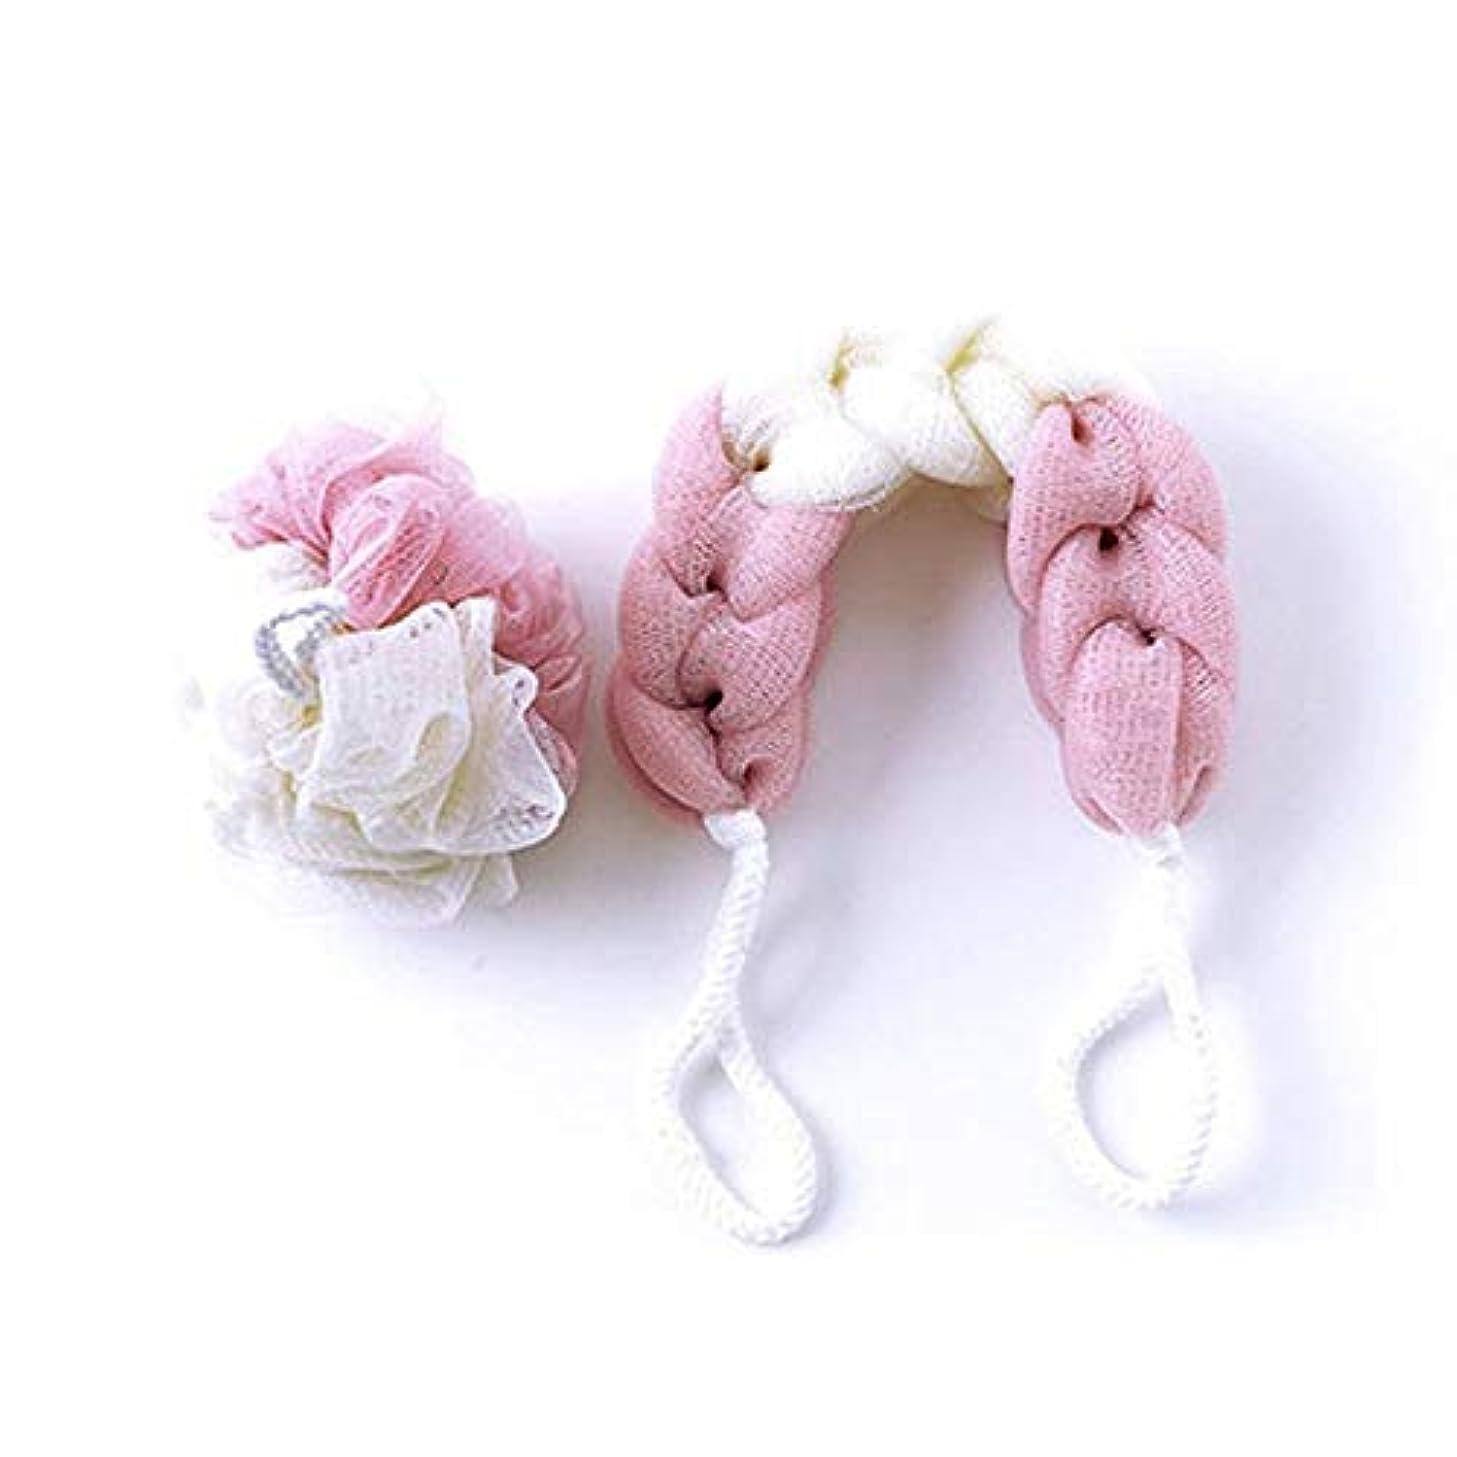 誕生フェザー名誉バスルーム用品 2196入浴バスフラワーバスボールバスタオルセット (色 : ピンク)